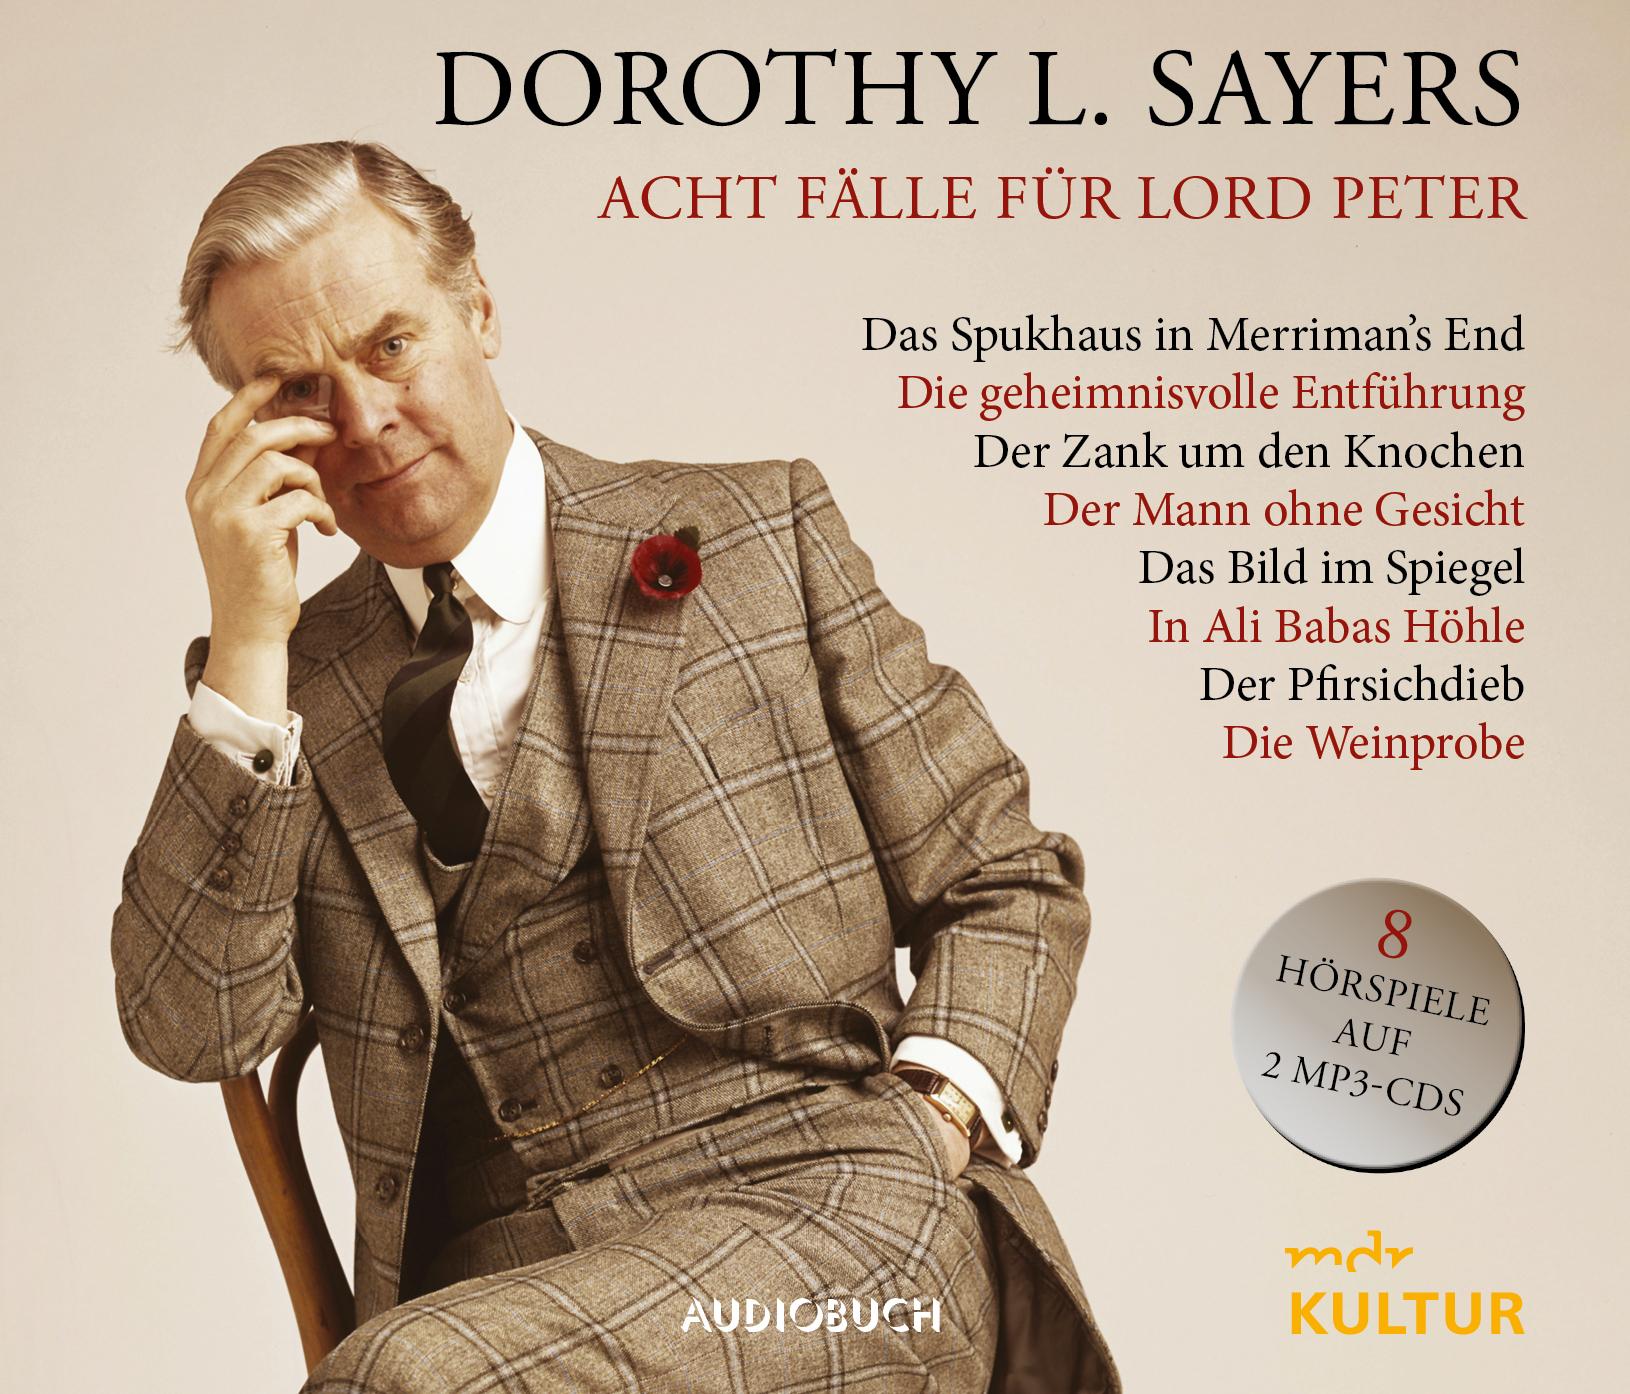 """Gratis / Kostenlos: Audiobuch-Hörspiel-Reihe """"Dorothy L. Sayers • Acht Fälle für Lord Peter"""" als mp3s beim MDR bzw. in der ARD-Audiothek"""